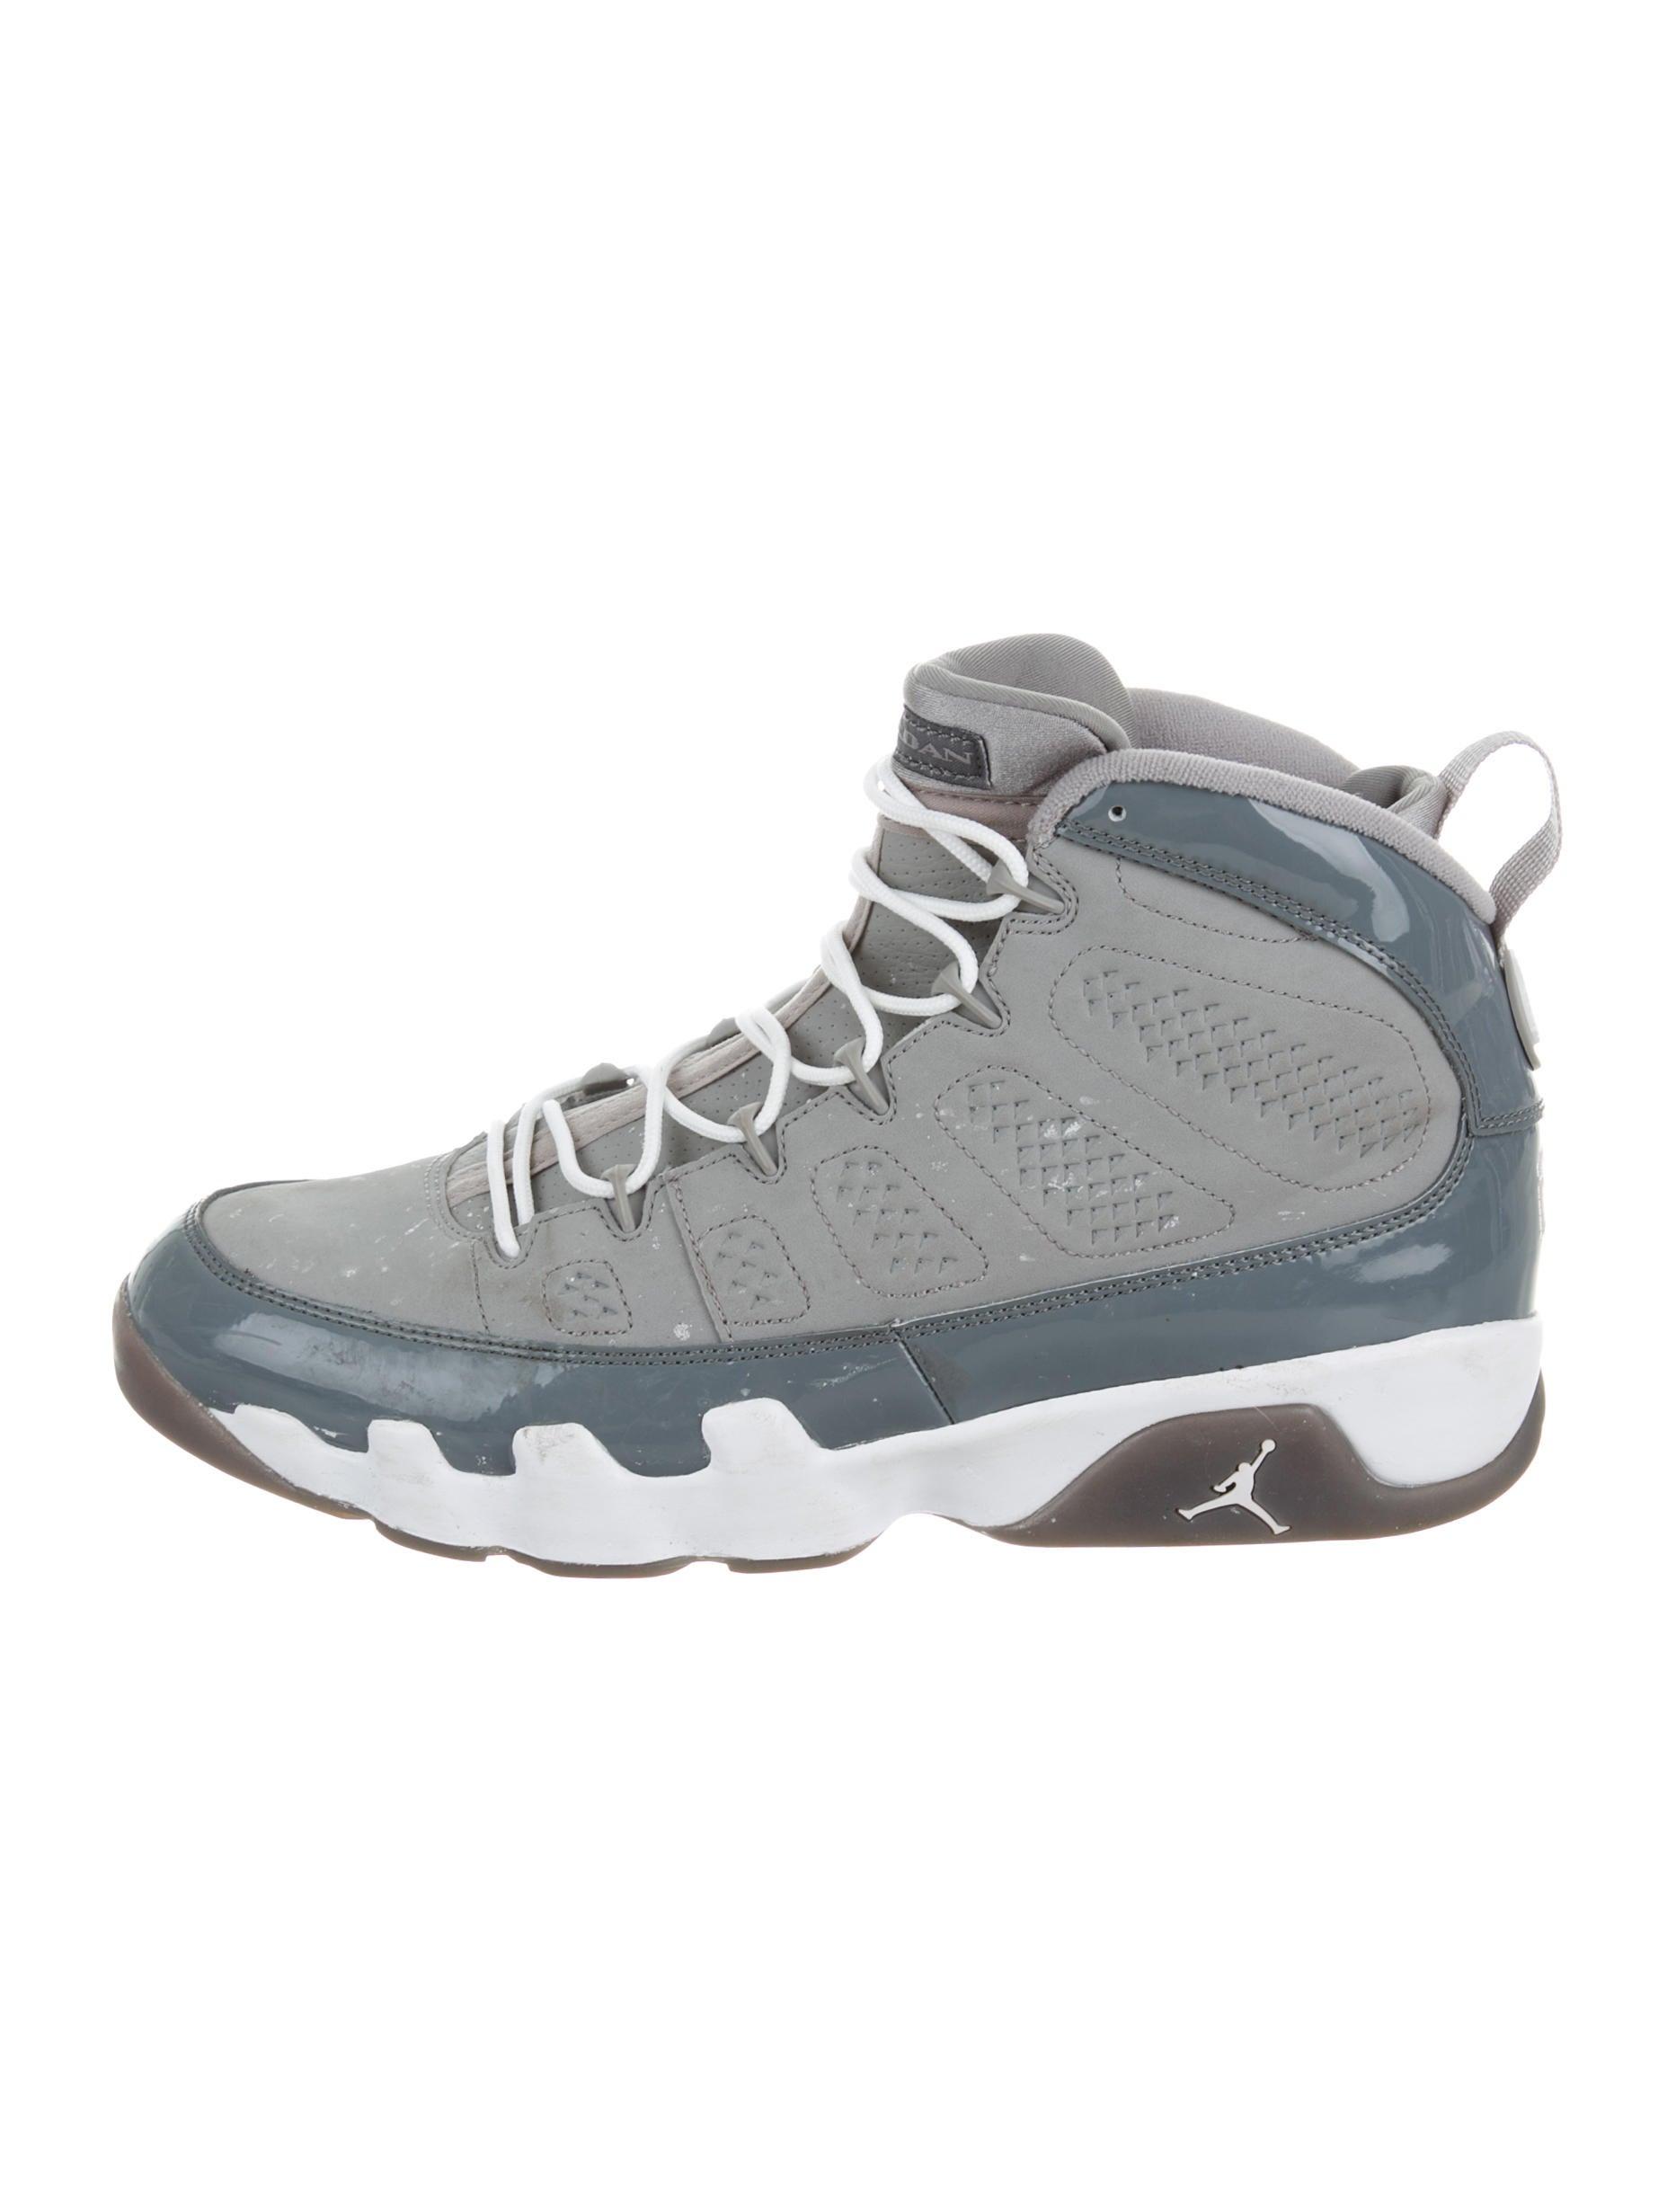 Nike Air High Top Shoes